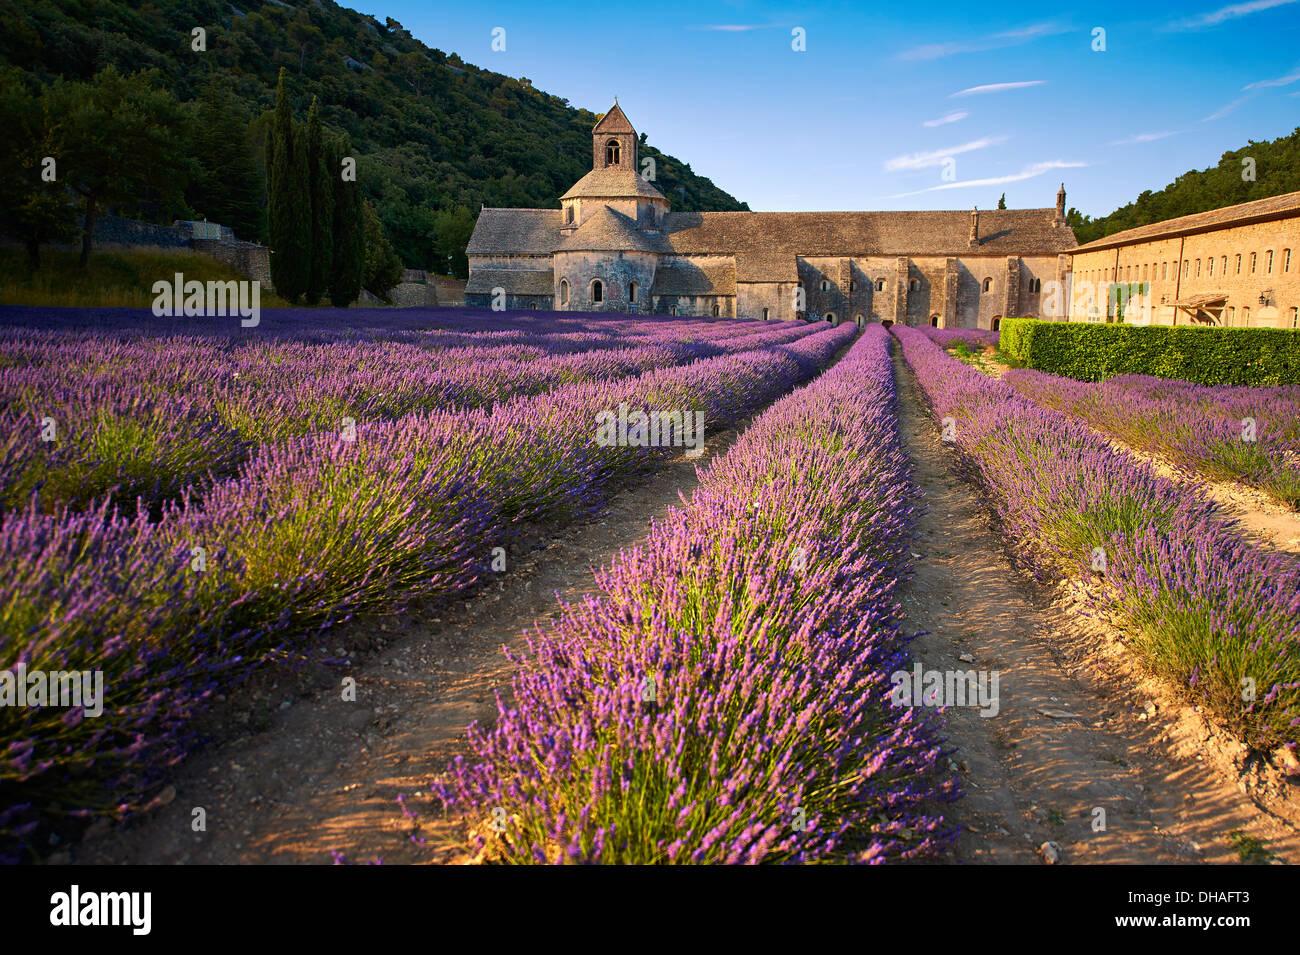 L'Abbaye cistercienne romane du xiie siècle de Notre-Dame de Sénanque, dans les champs de lavande en fleurs de la Provence. Photo Stock